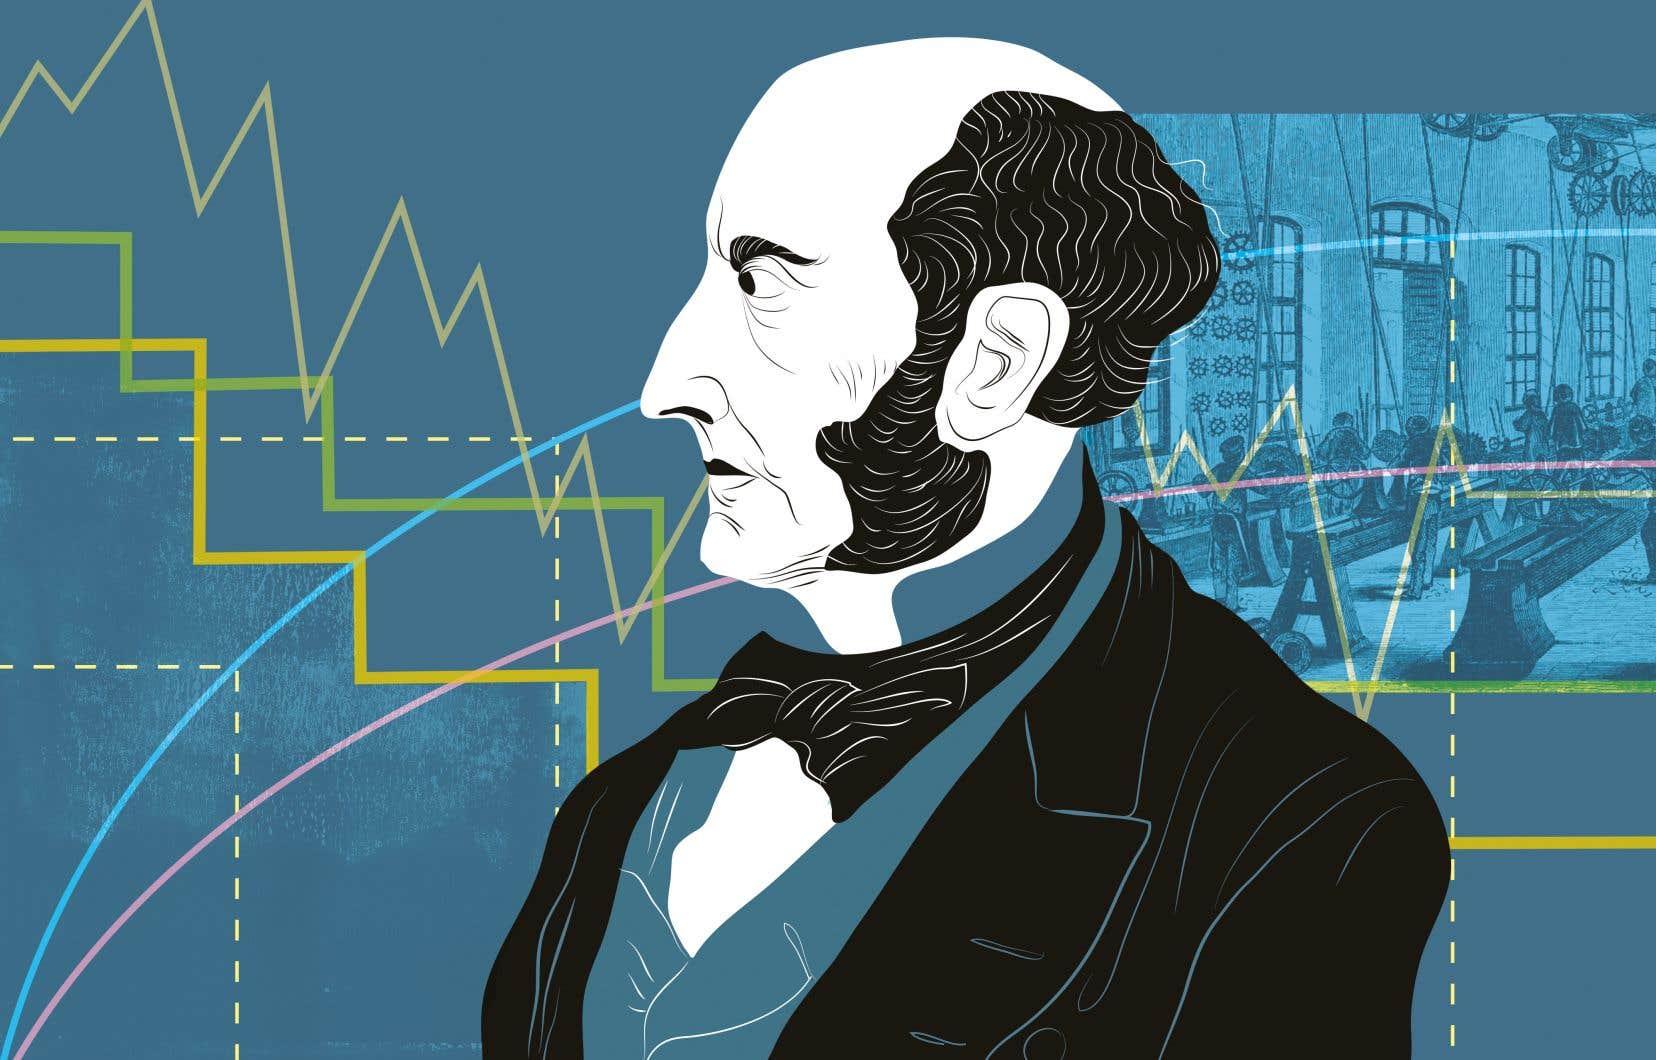 Que nous dirait le philosophe britannique John Stuart Mill aujourd'hui? Dans l'immédiat, il serait sans doute fort déçu de voir que, comme les économistes des siècles passés, la plupart des chefs d'État ne voient le salut des nations que dans la croissance.